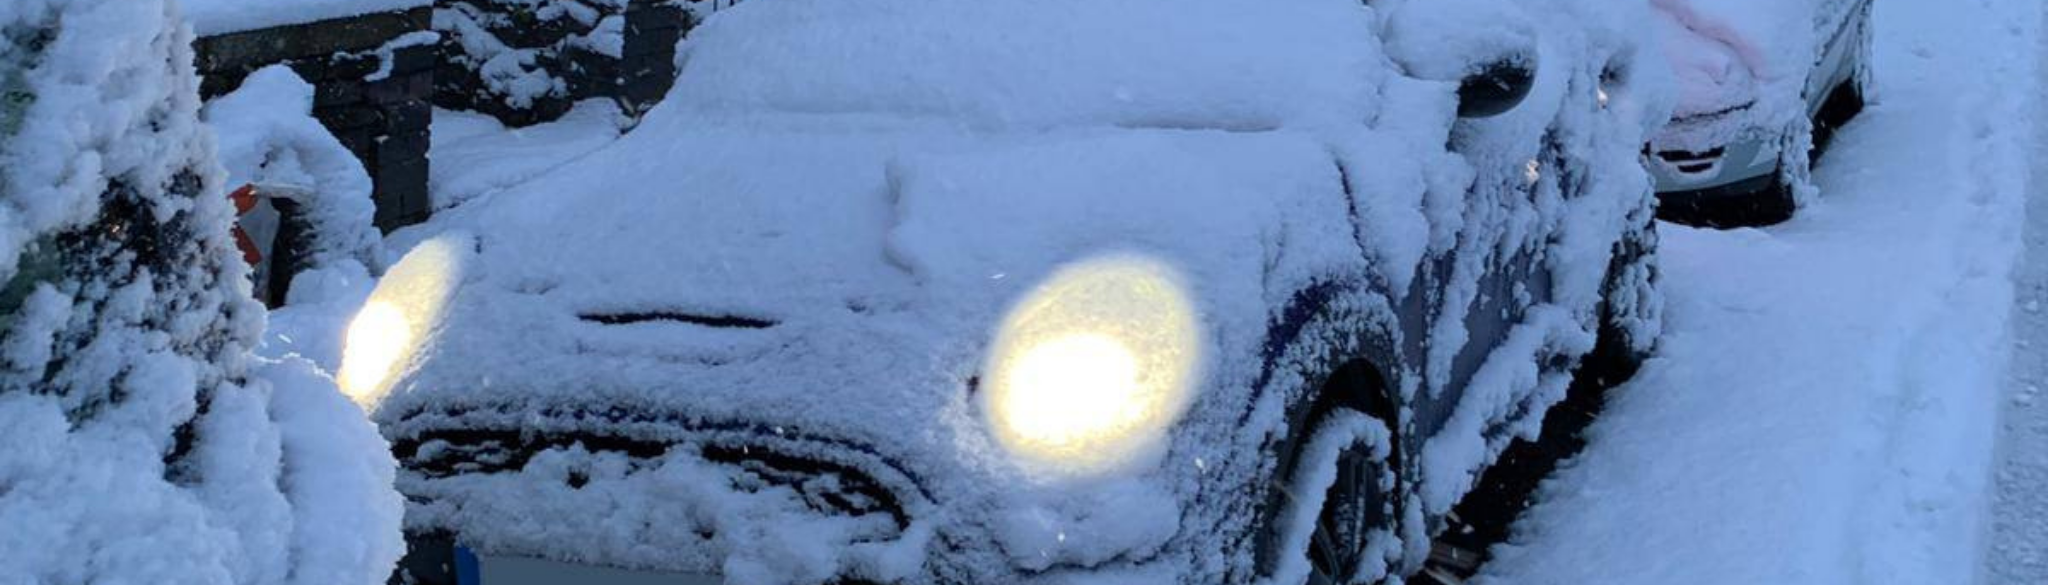 MINI Under Snow